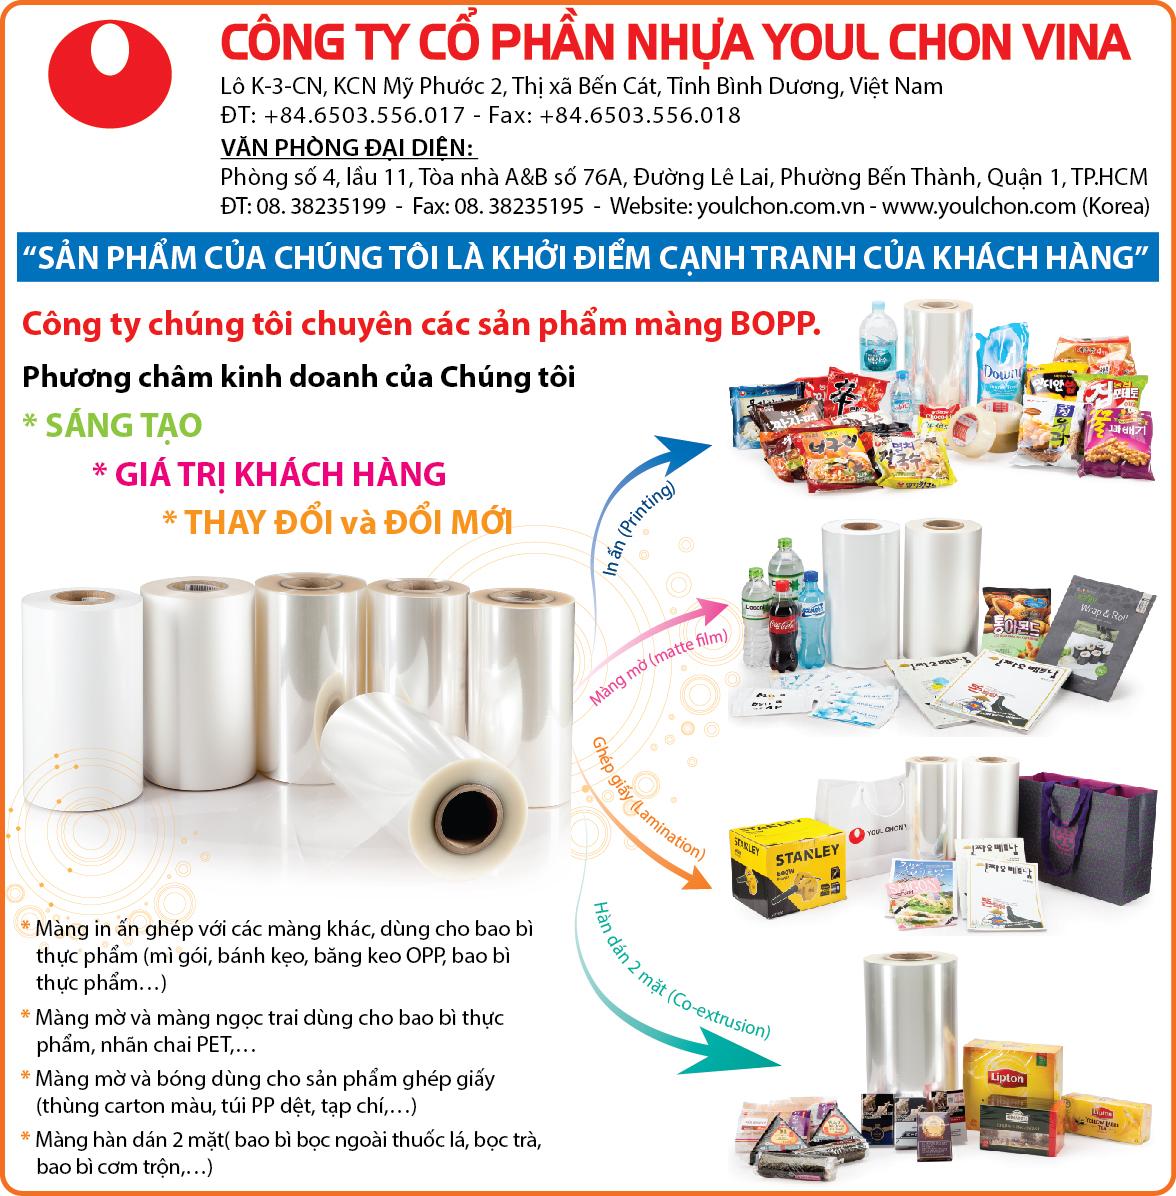 Nhựa bao bì Youl Chon Vina - màng nhựa BOPP; màng BOPP thường; màng BOPP ghép phức hợp; màng BOPP mờ; màng BOPP ngọc; màng nhựa dùng sản xuất bao bì, màng nhựa dùng đóng gói may mặc, màng nhựa dùng in ấn